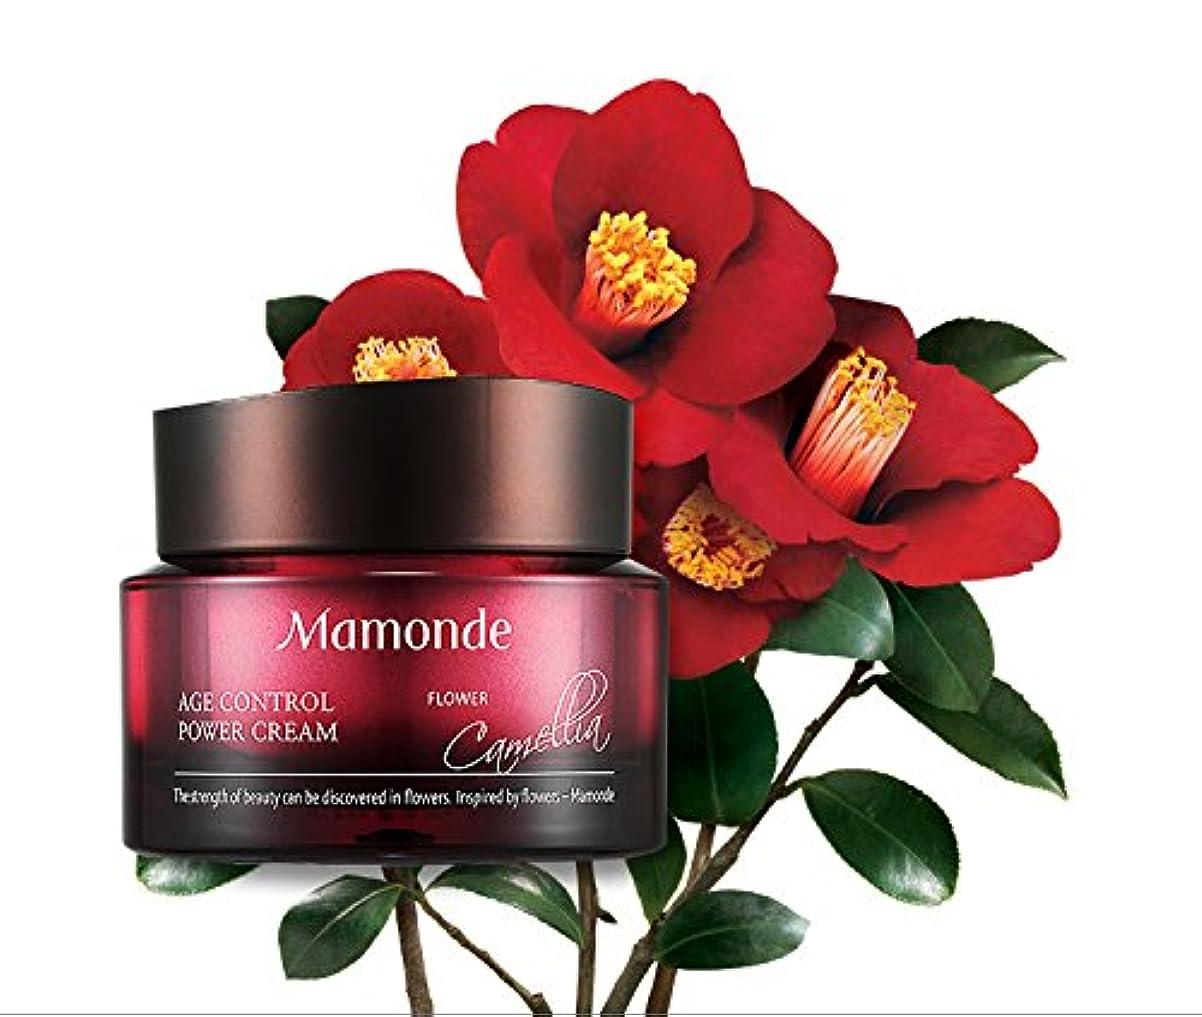 [MAMONDE/マモンド] Age Control Power Cream / エイジコントロールパワークリーム フェイスクリーム お肌 スキンケア 化粧品 コスメ 韓国コスメ SkinGarden/スキンガーデン